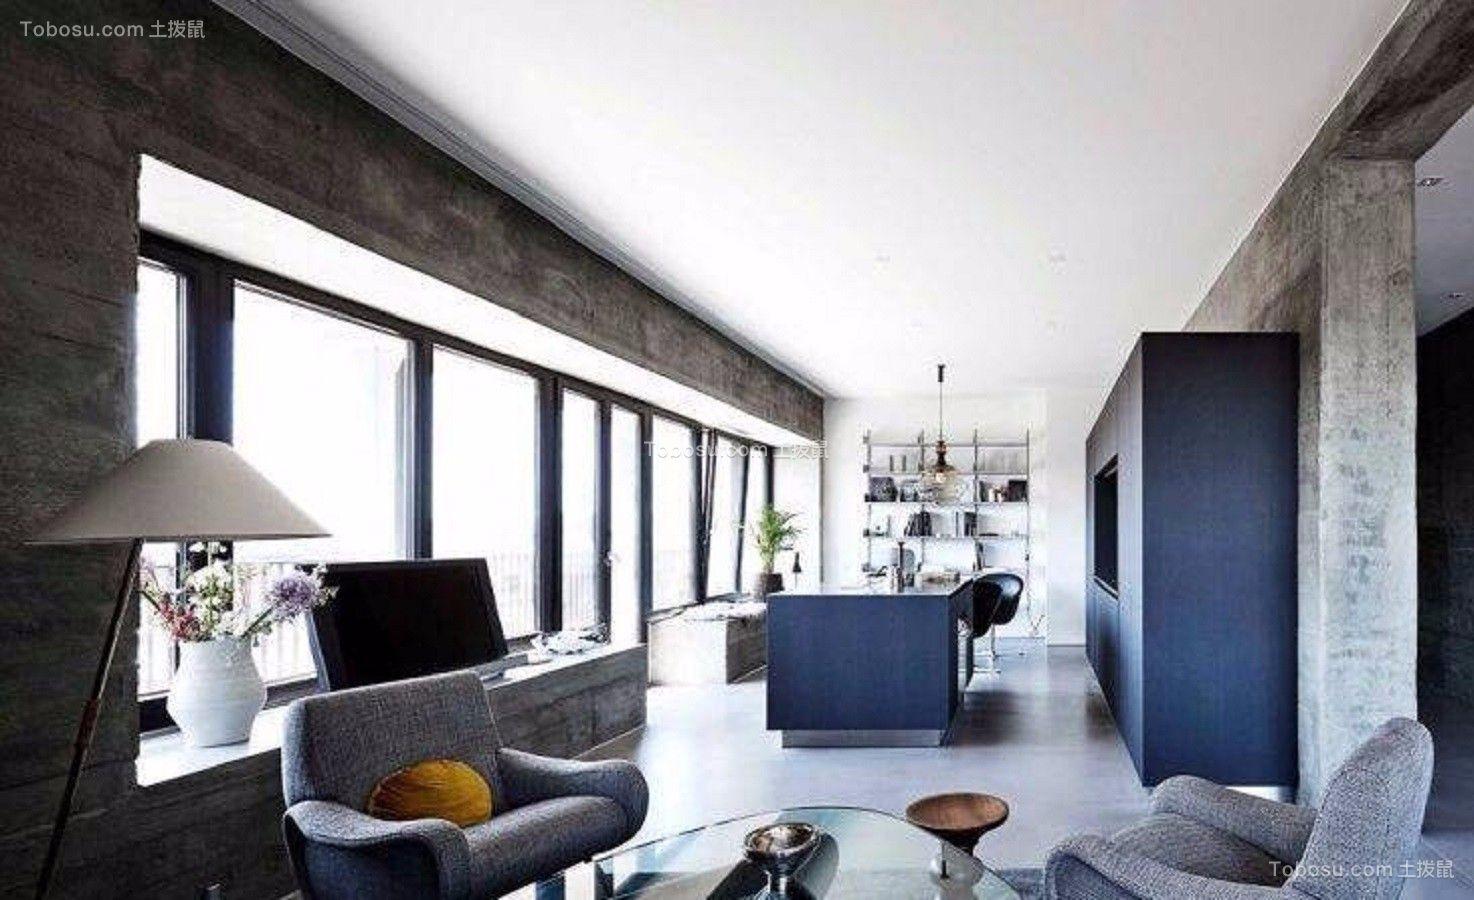 120平米三室两厅北欧风格室内装修效果图